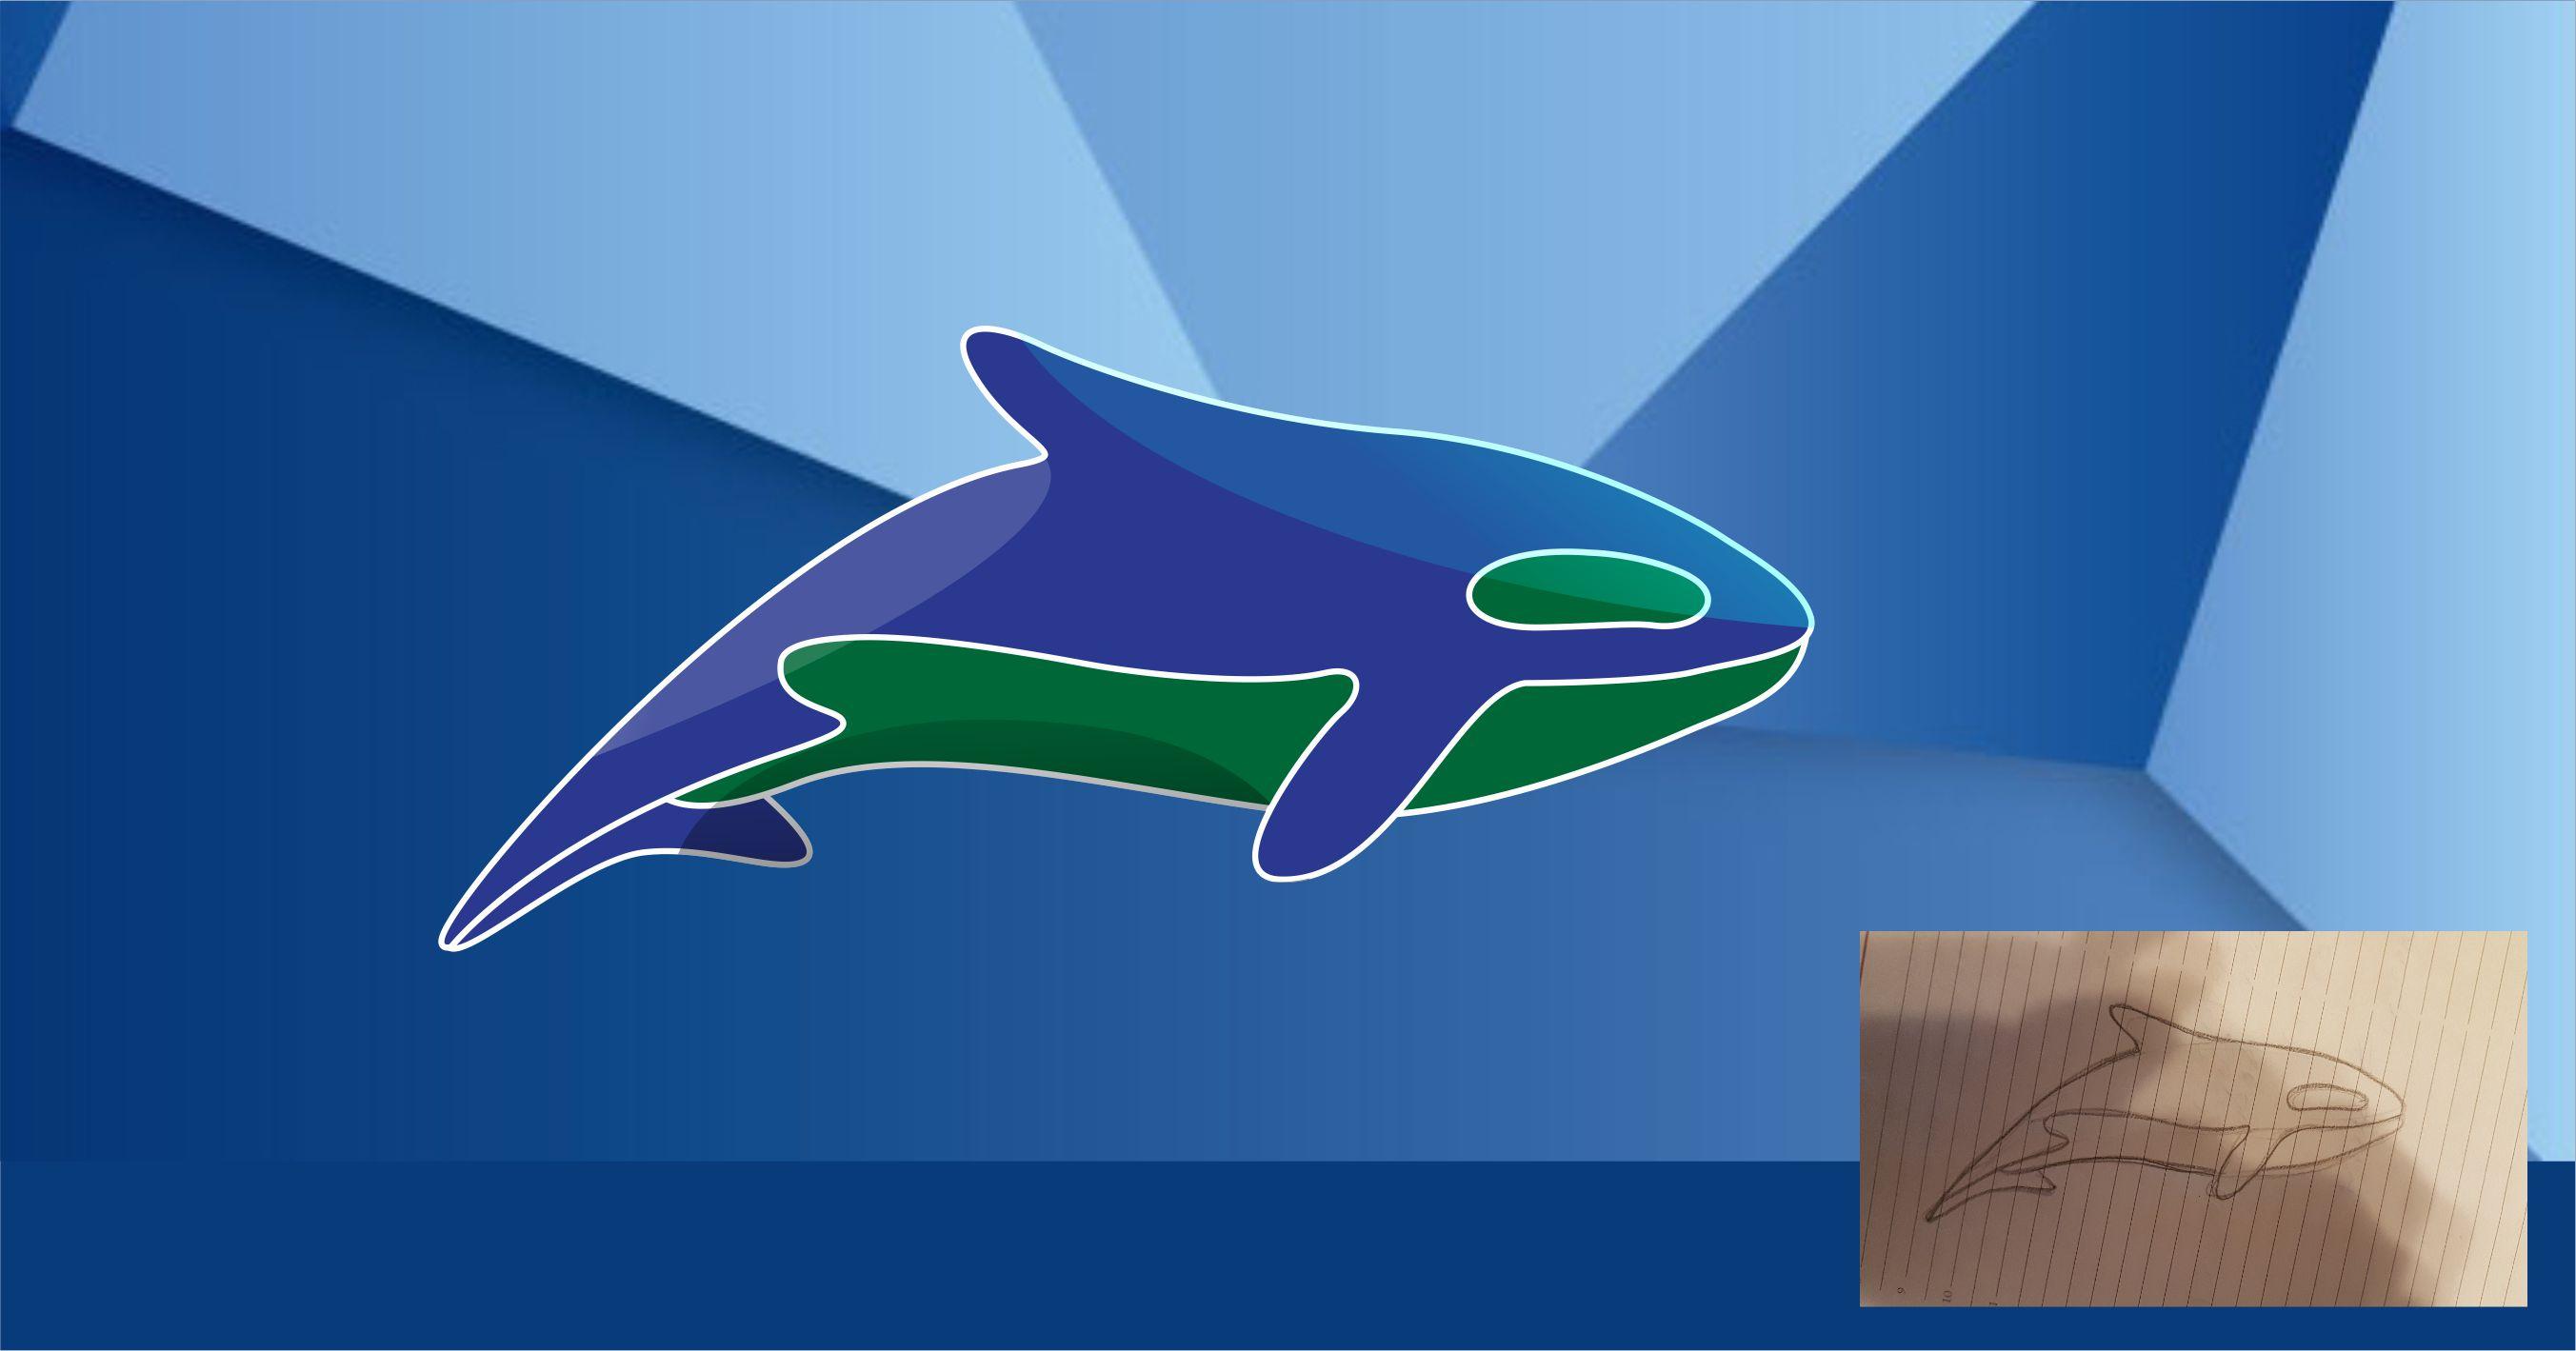 Разработка фирменного символа компании - касатки, НЕ ЛОГОТИП фото f_8665b0070c78e16f.jpg